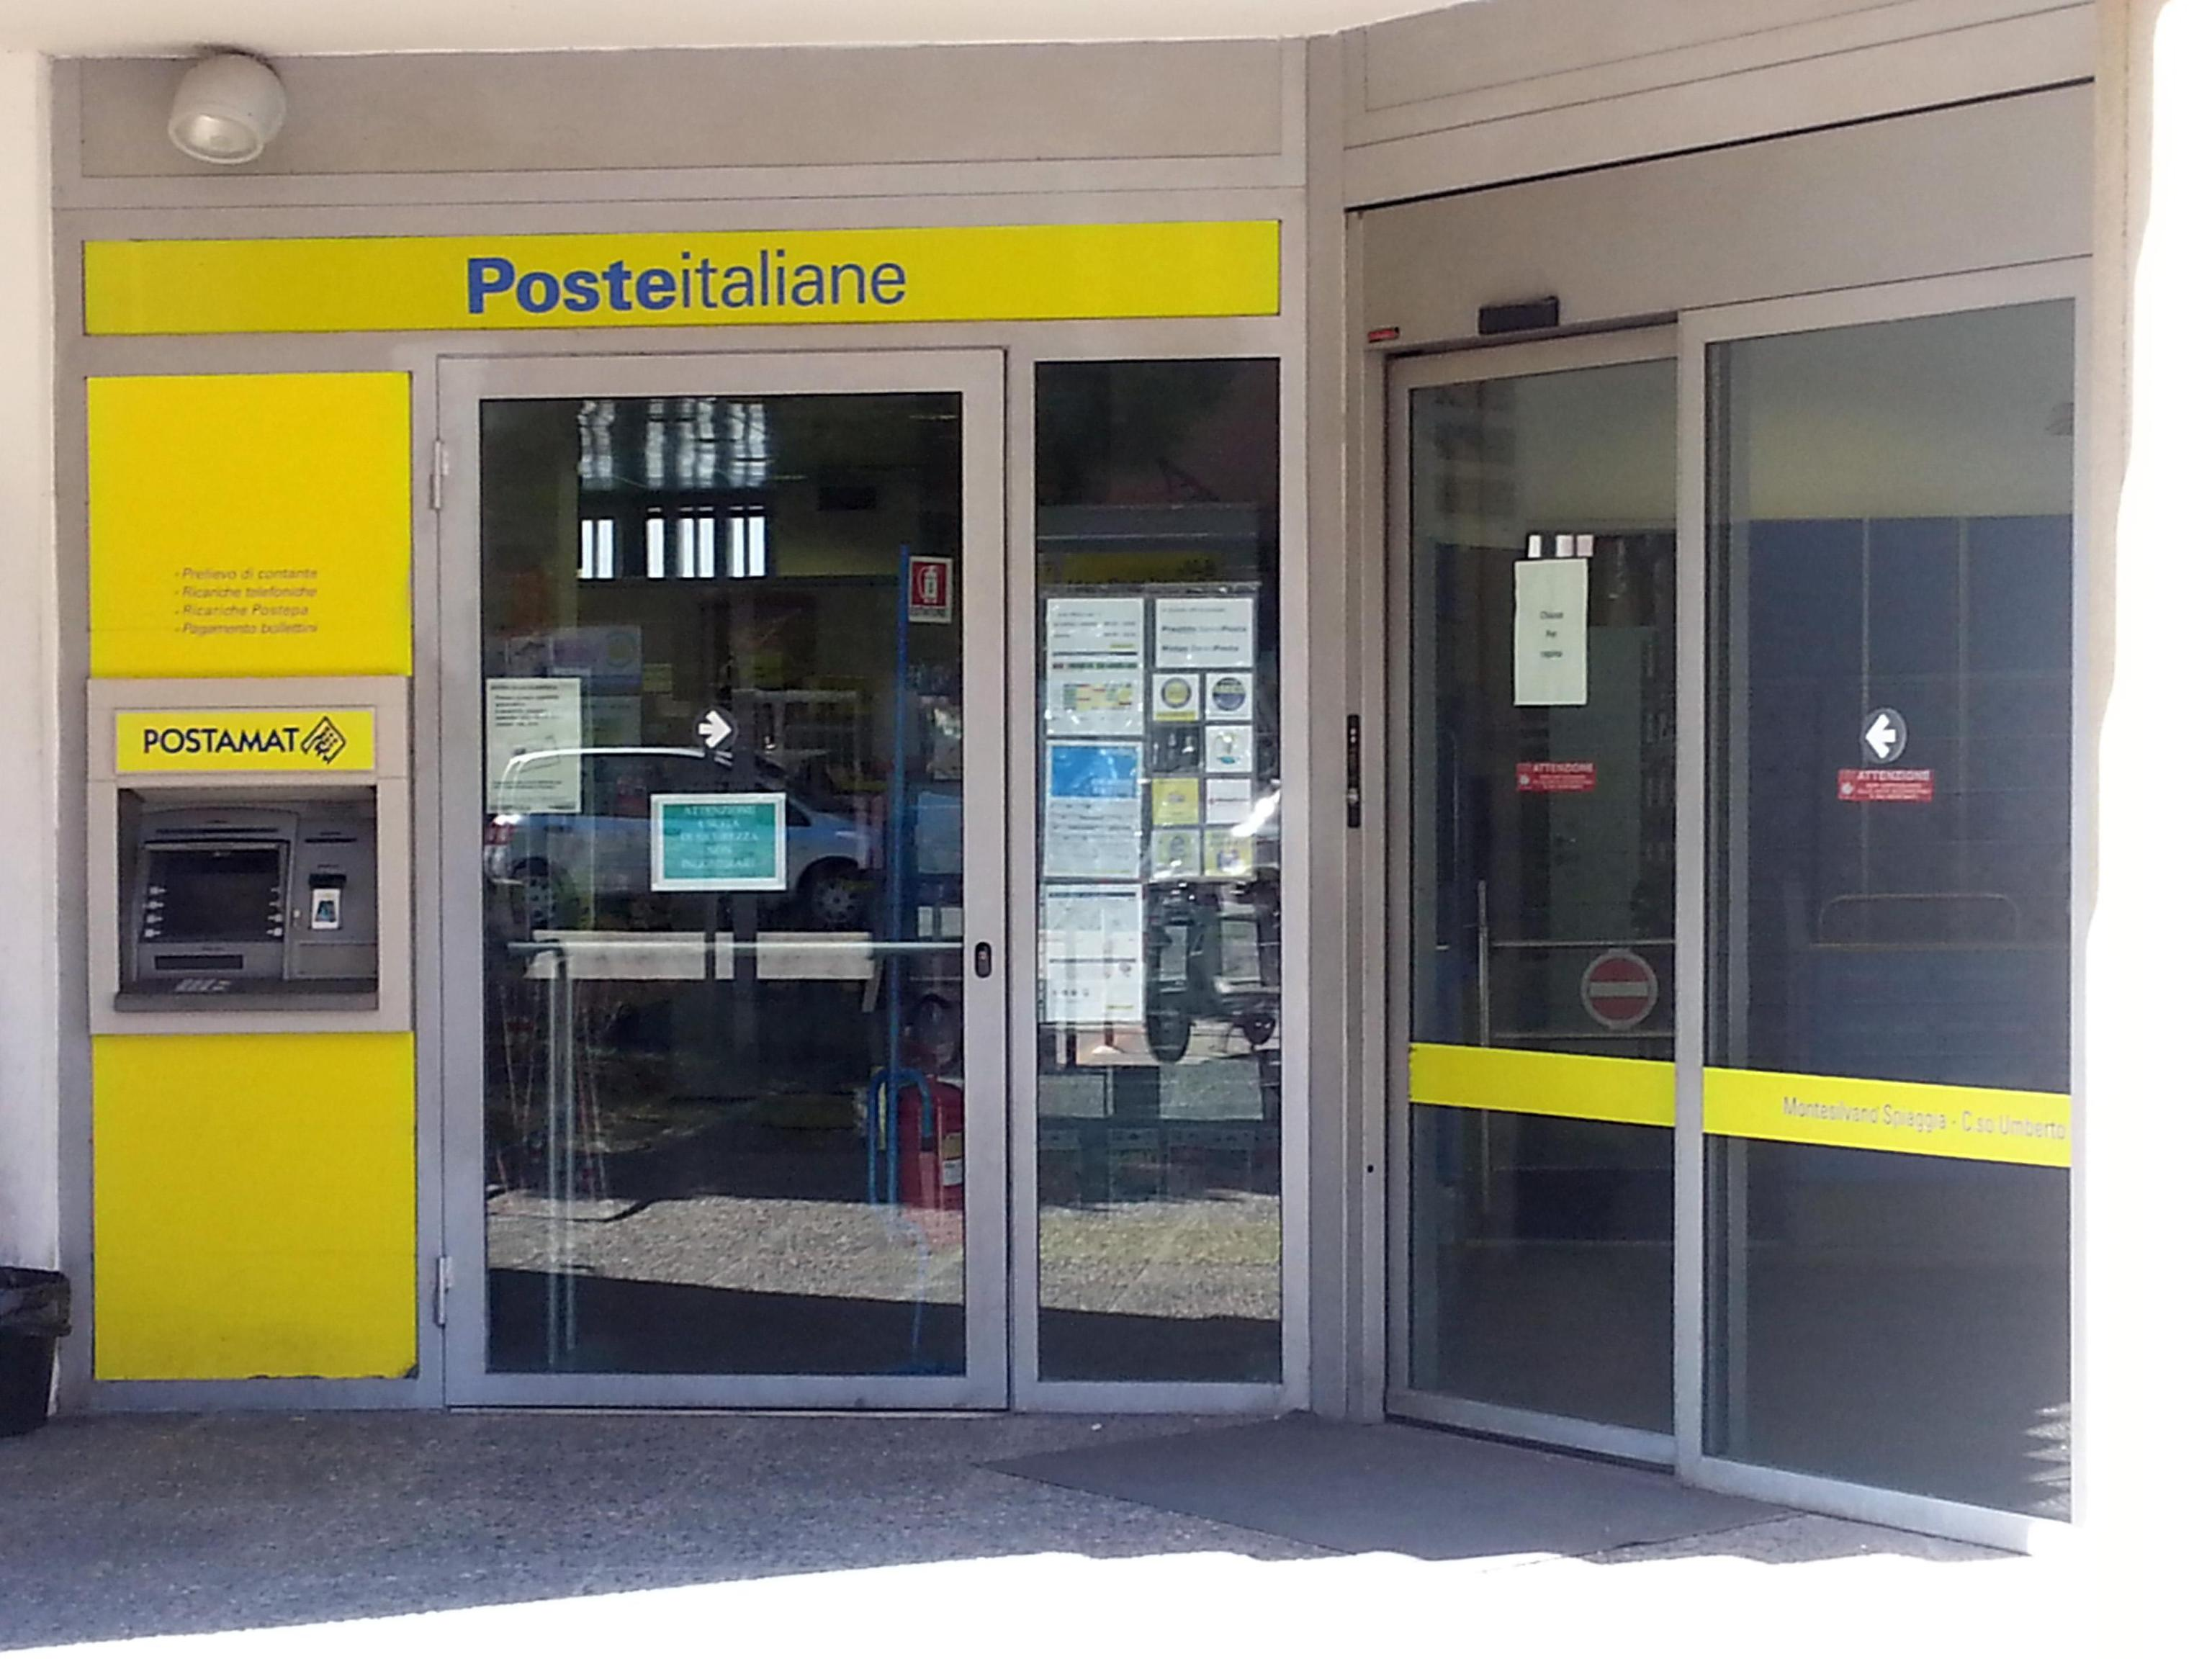 Impiegato postale condannato e licenziato per aver rubato: ma il giudice ordina pagamento degli arretrati e reintegro